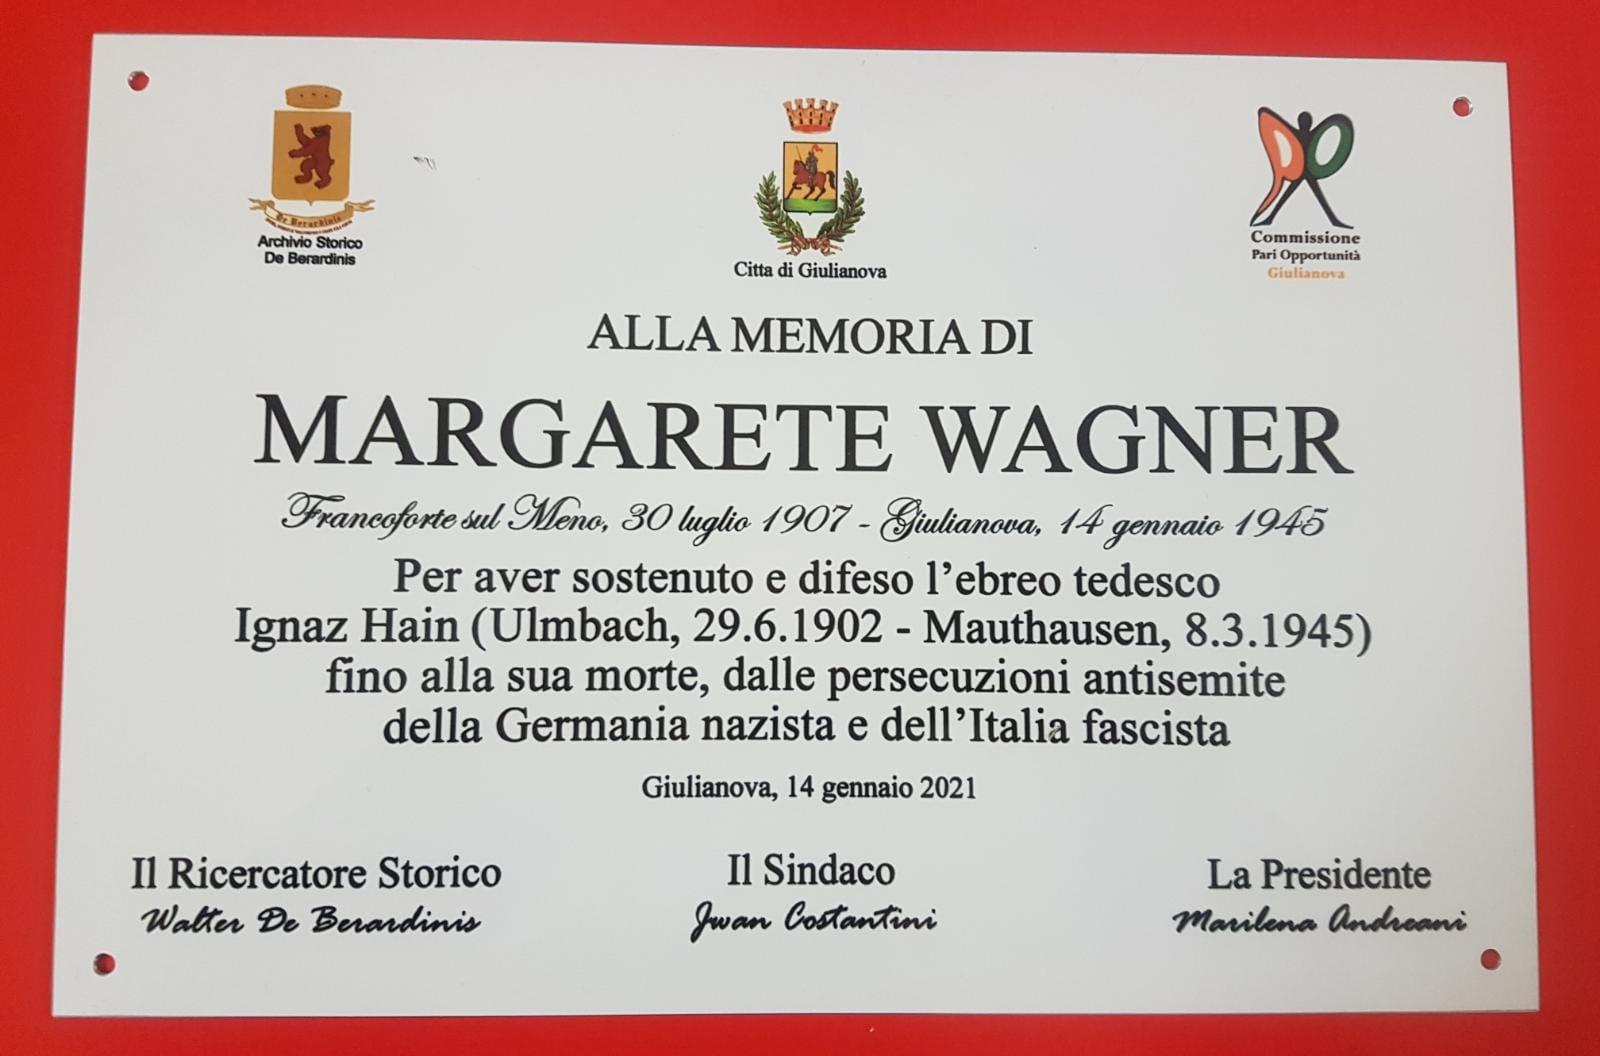 Giulianova ricorda il coraggio di Margarete Wagner con una targa commemorativa